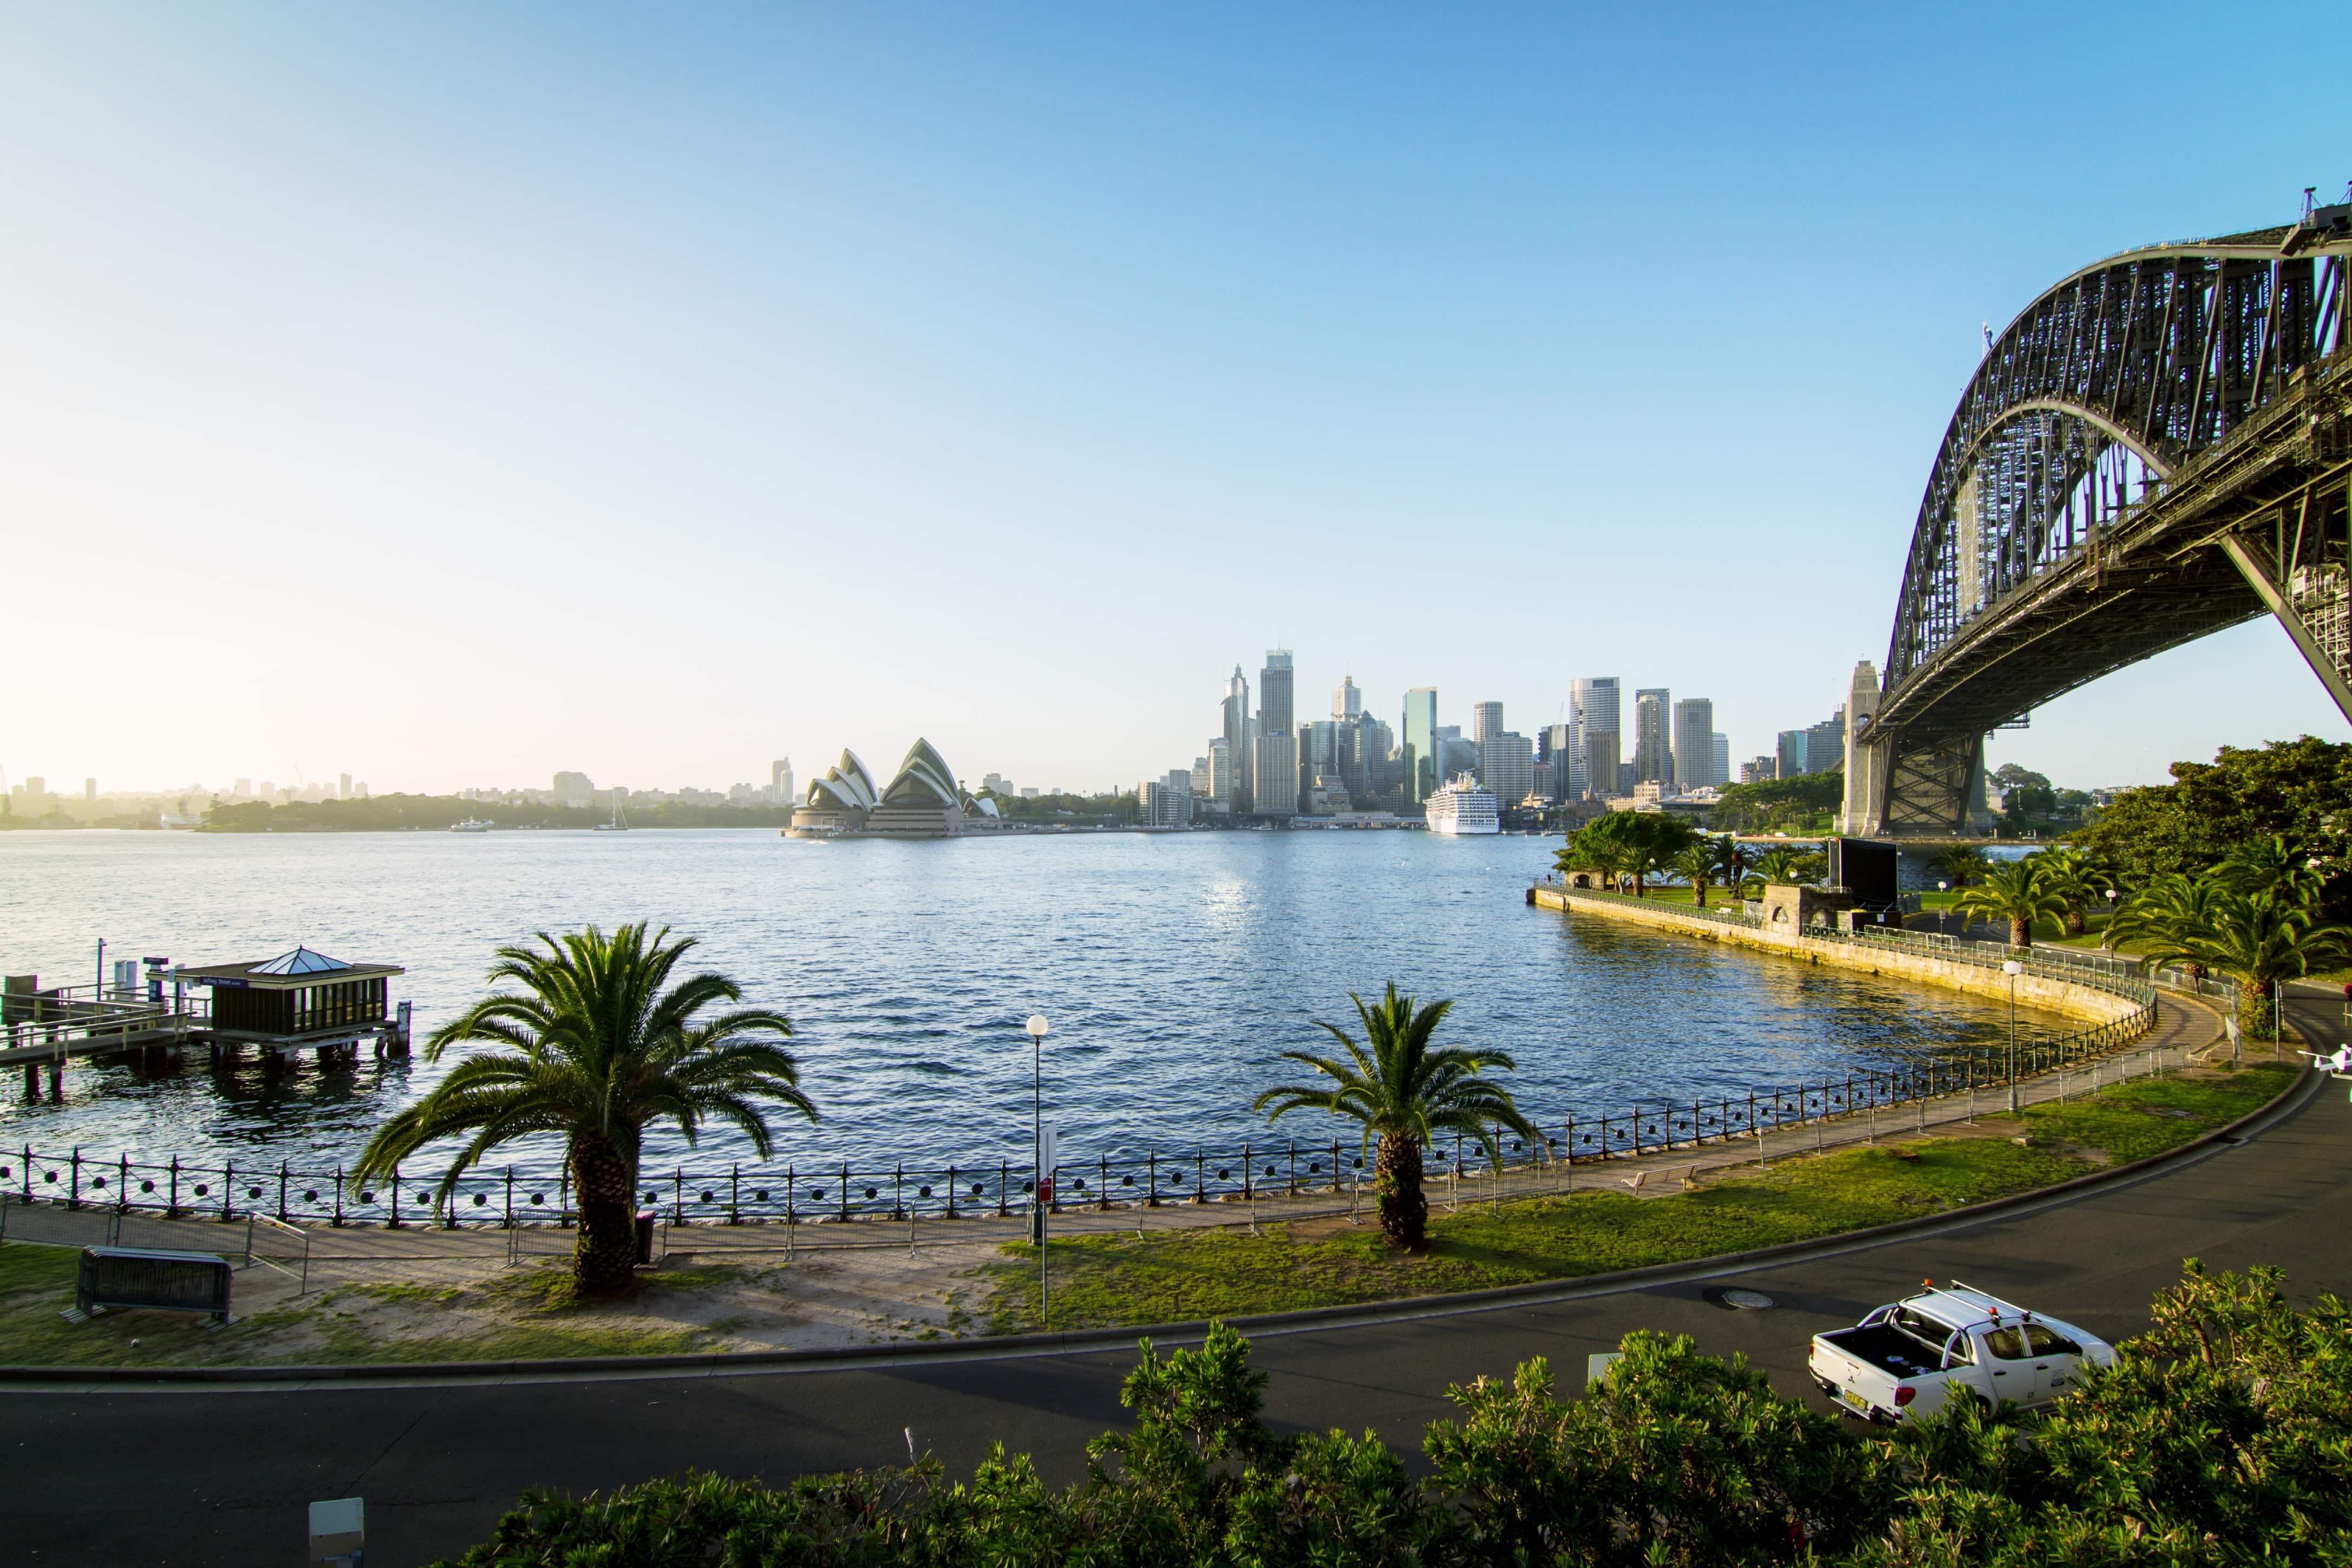 Travel Insurance For Australia - Reciprocal Agreement vs Travel Insurance